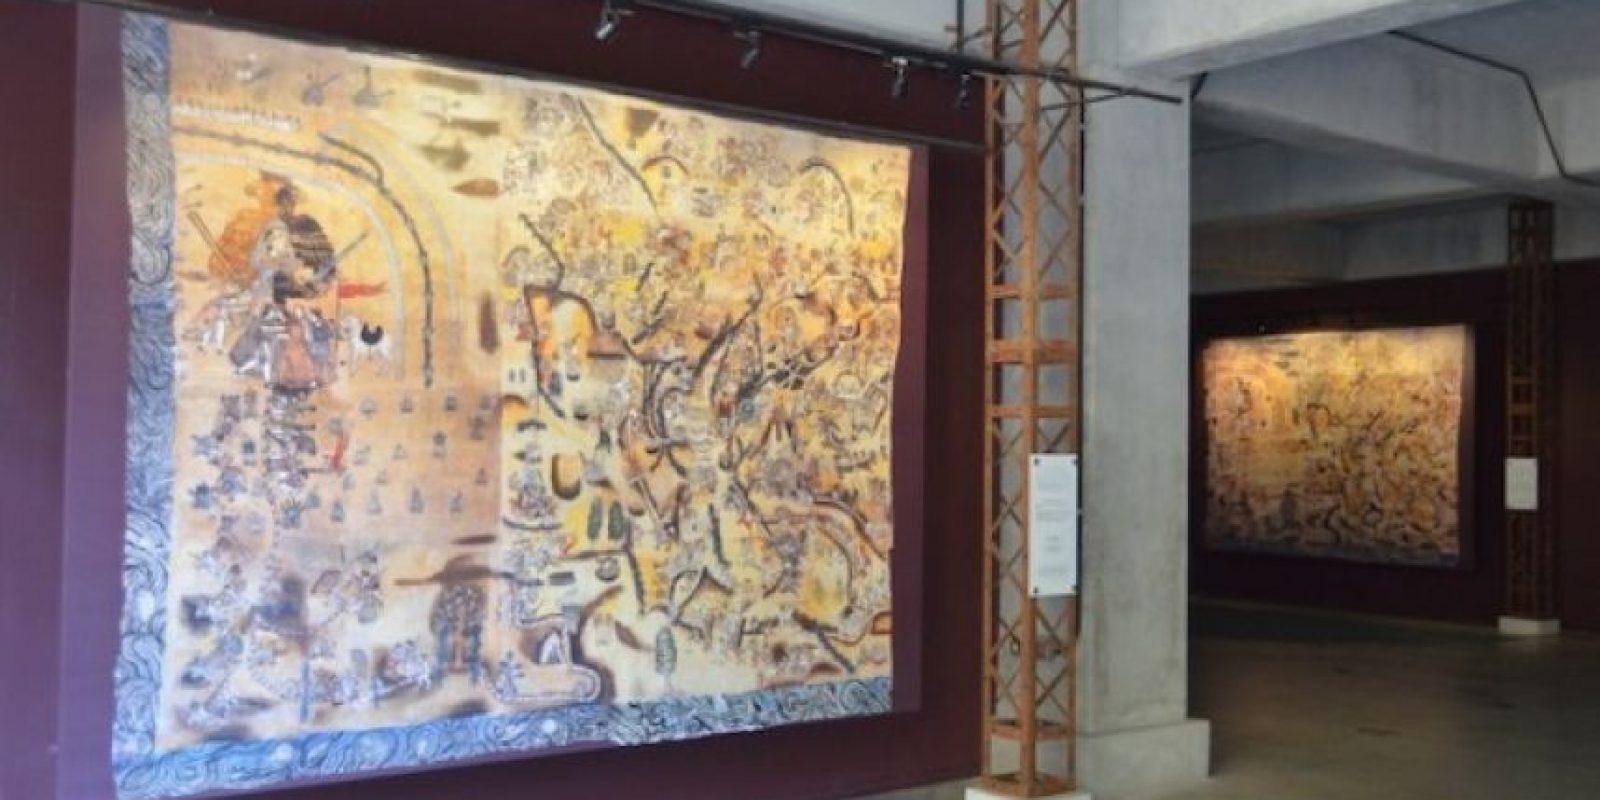 Quauhquechollan, el lienzo que cambió la historia de la conquista. Foto:Juan José López Torres